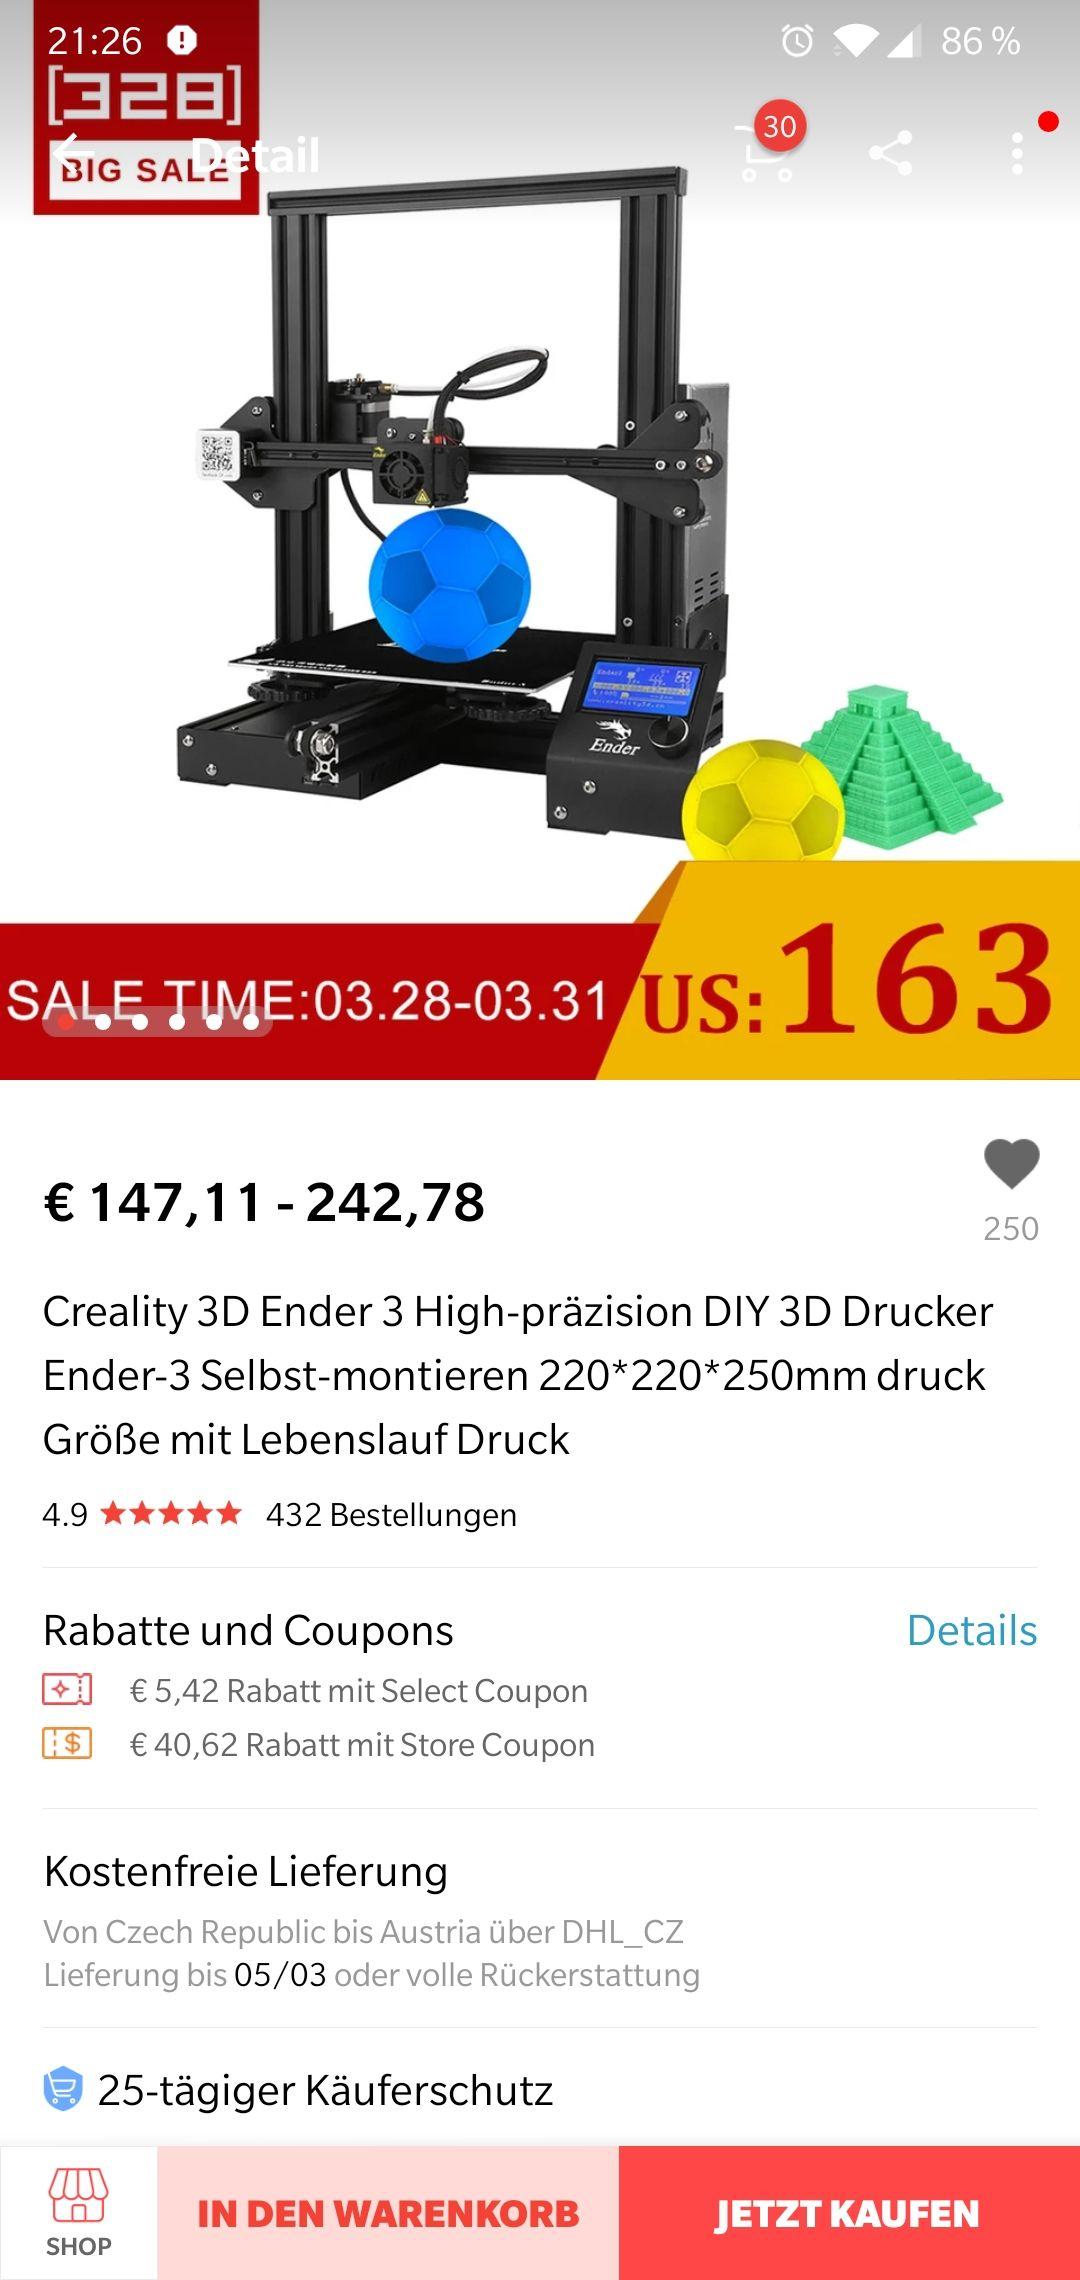 Ender 3 3D Drucker zum Tiefpreis! Tschechisches Lager! (128,26€)